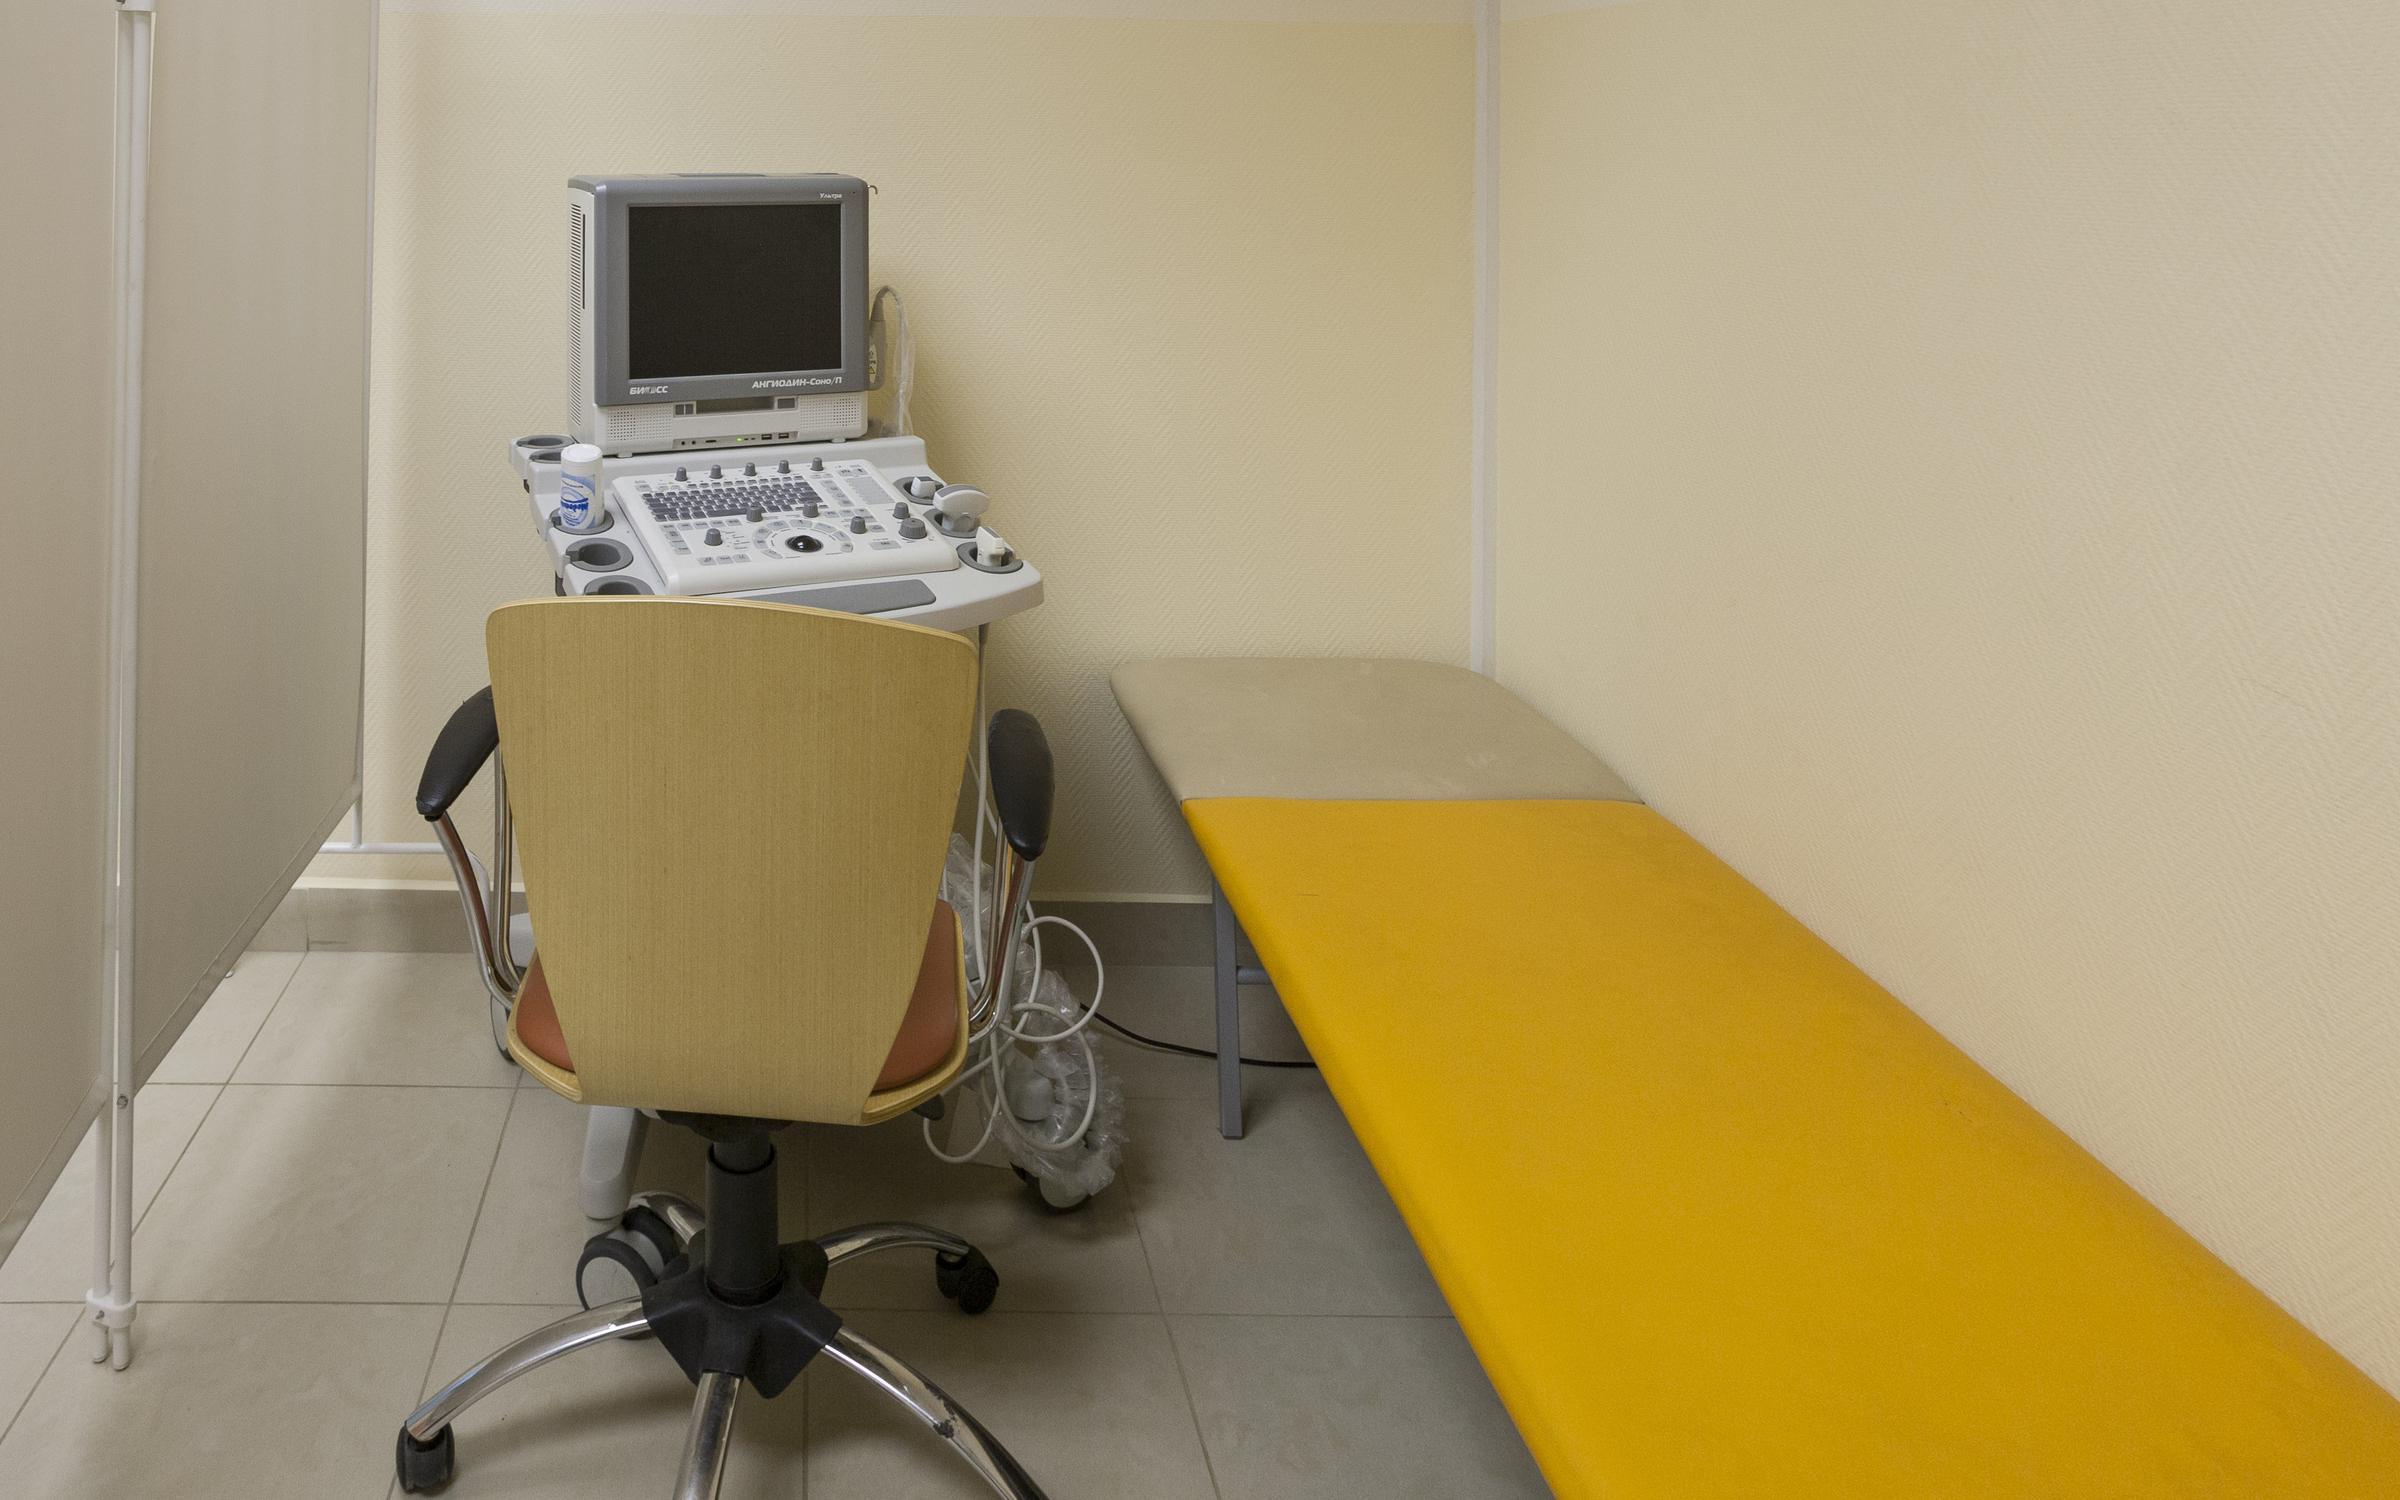 Орехово-зуево адрес медицинского центра новая медицина